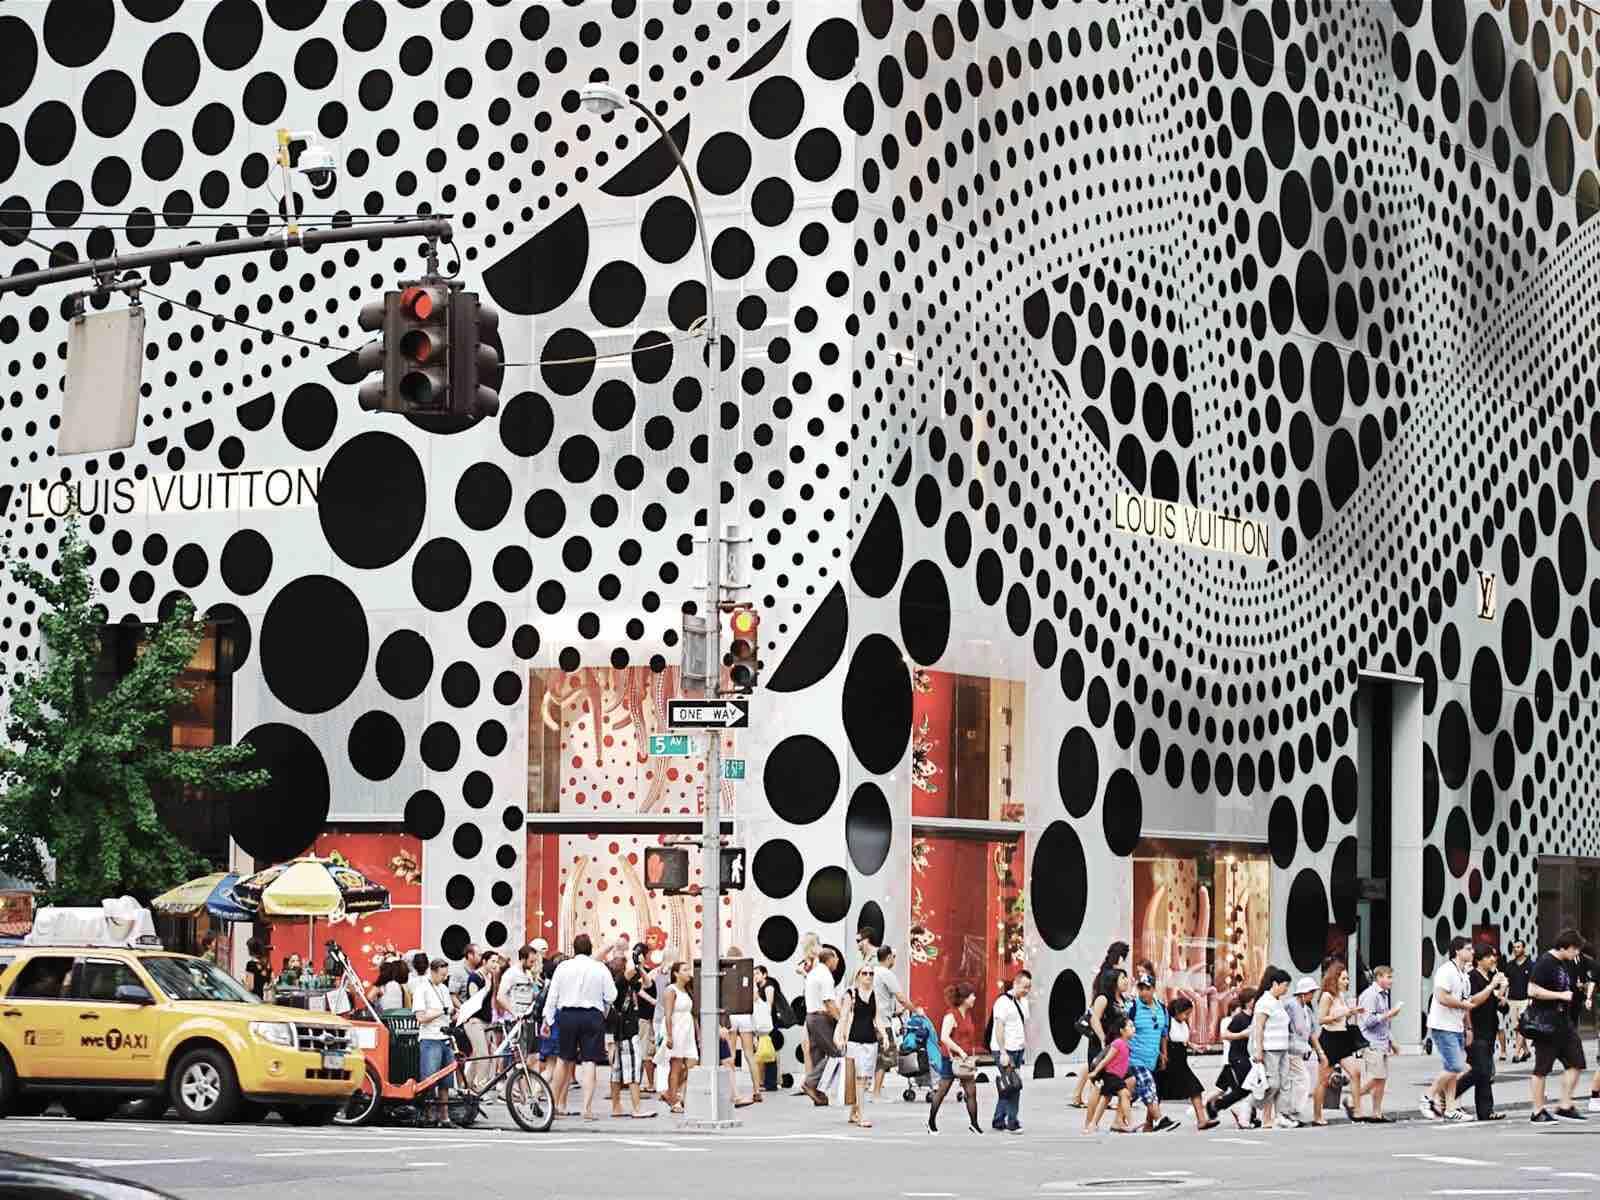 Mode et art : retour sur les collaborations modernes les plus audacieuses